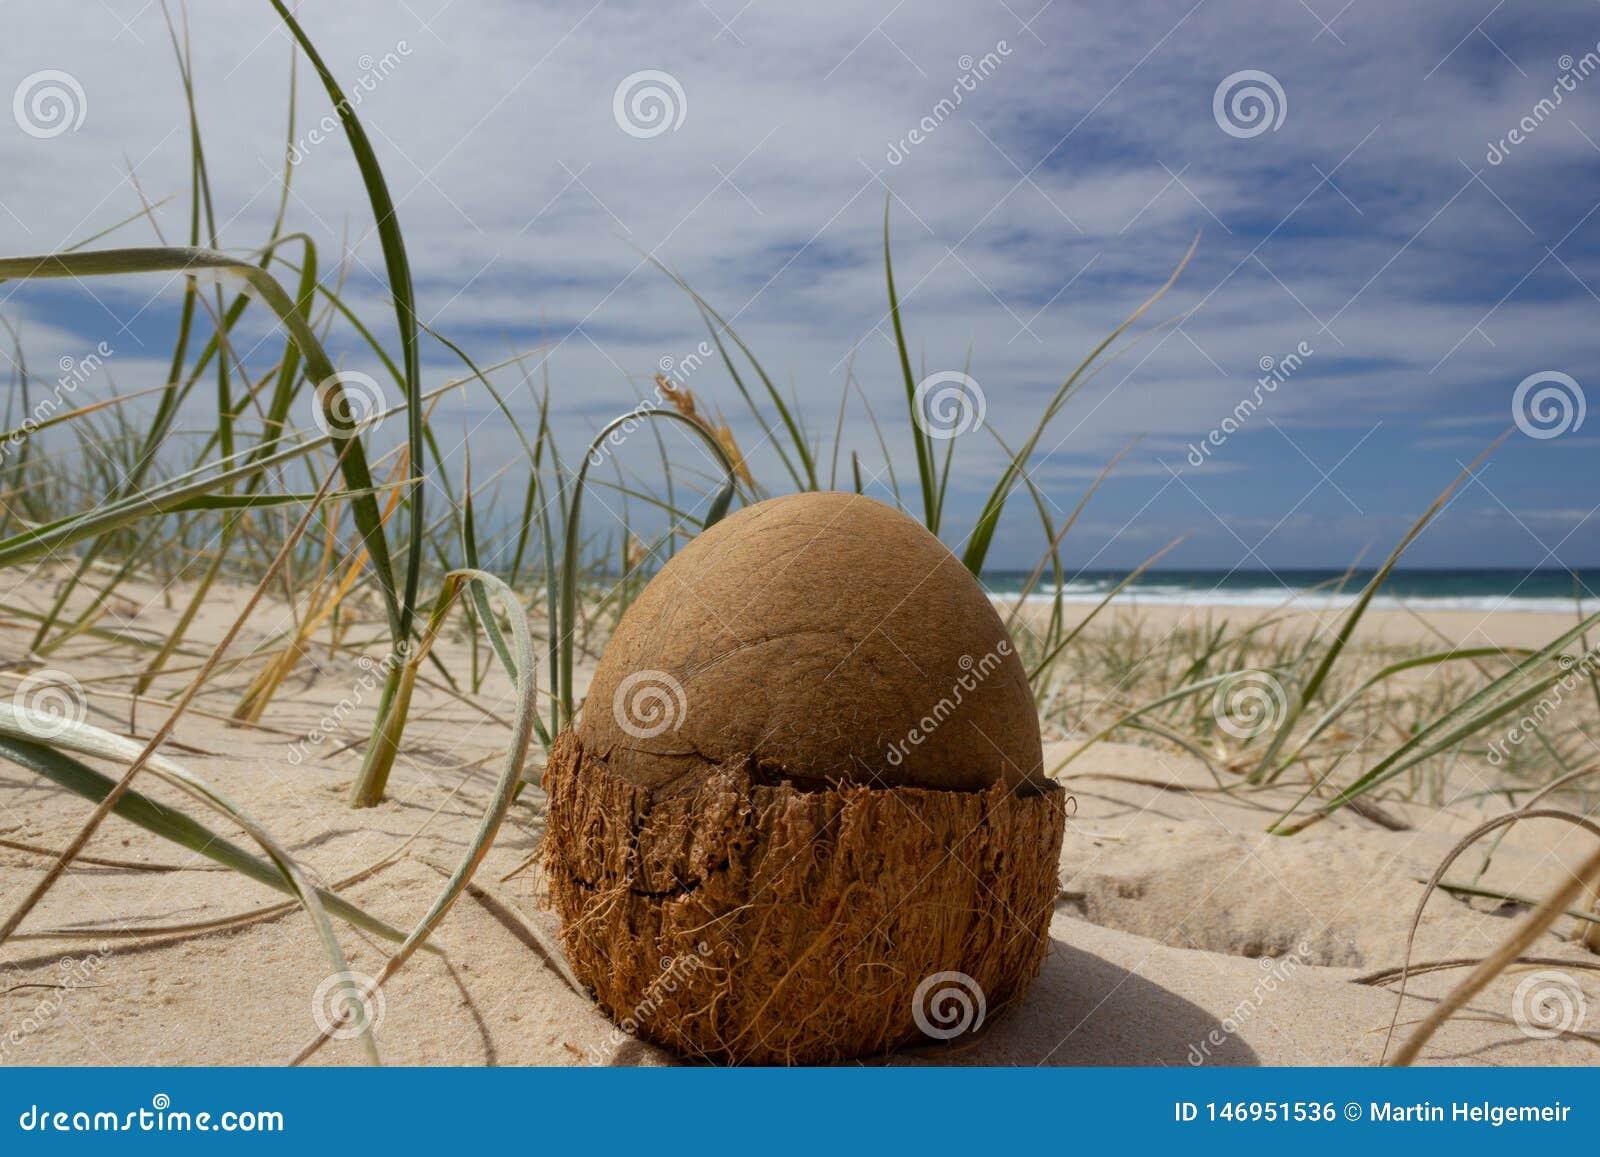 Coco abierto en la playa en la playa del arco iris, Queensland, Australia El coco parece un huevo de dinosaurio